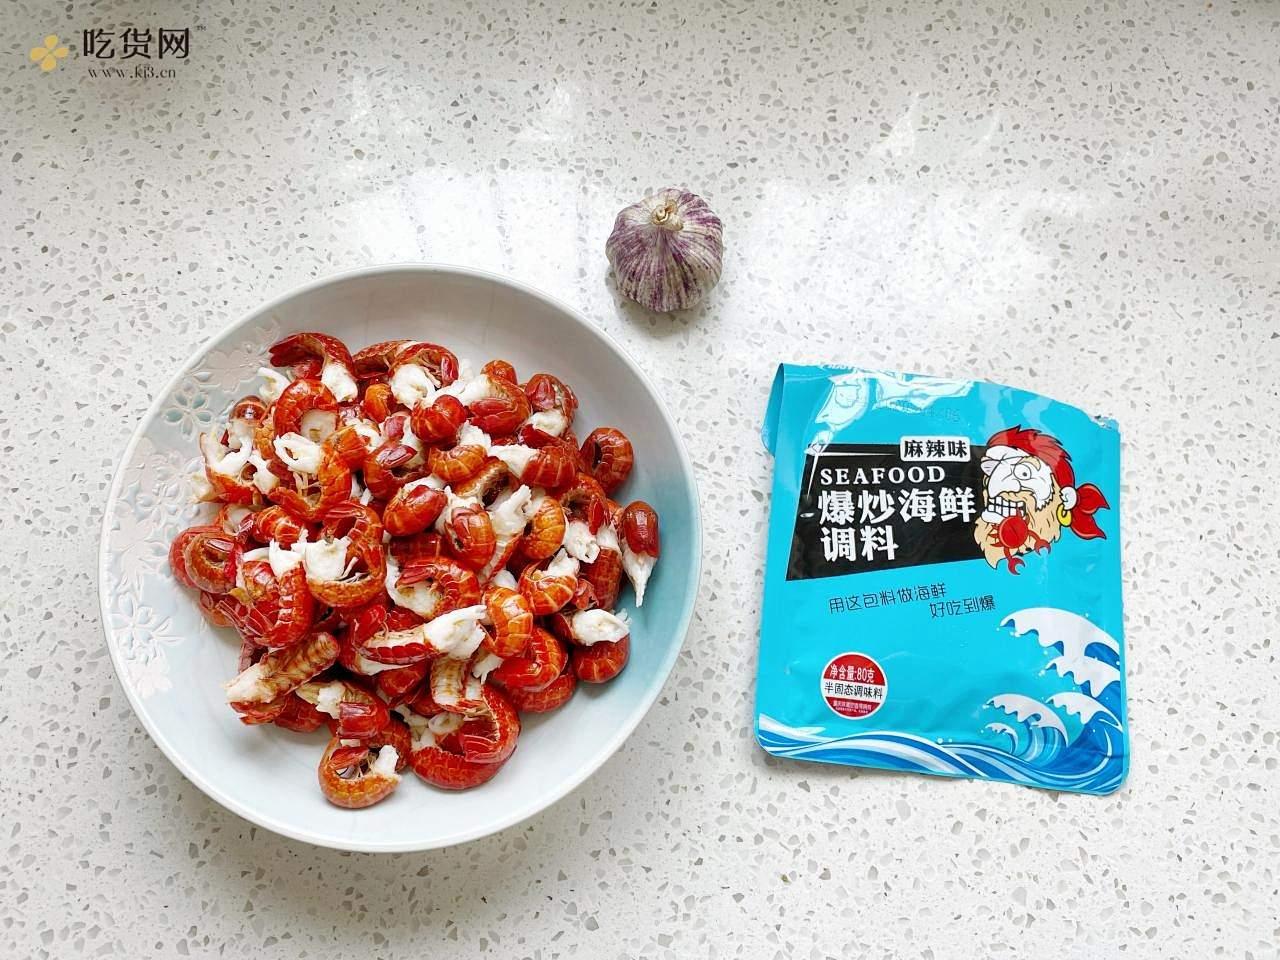 小龙虾别再油炸了,只需1包调味包,麻辣鲜香龙虾尾的做法 步骤1